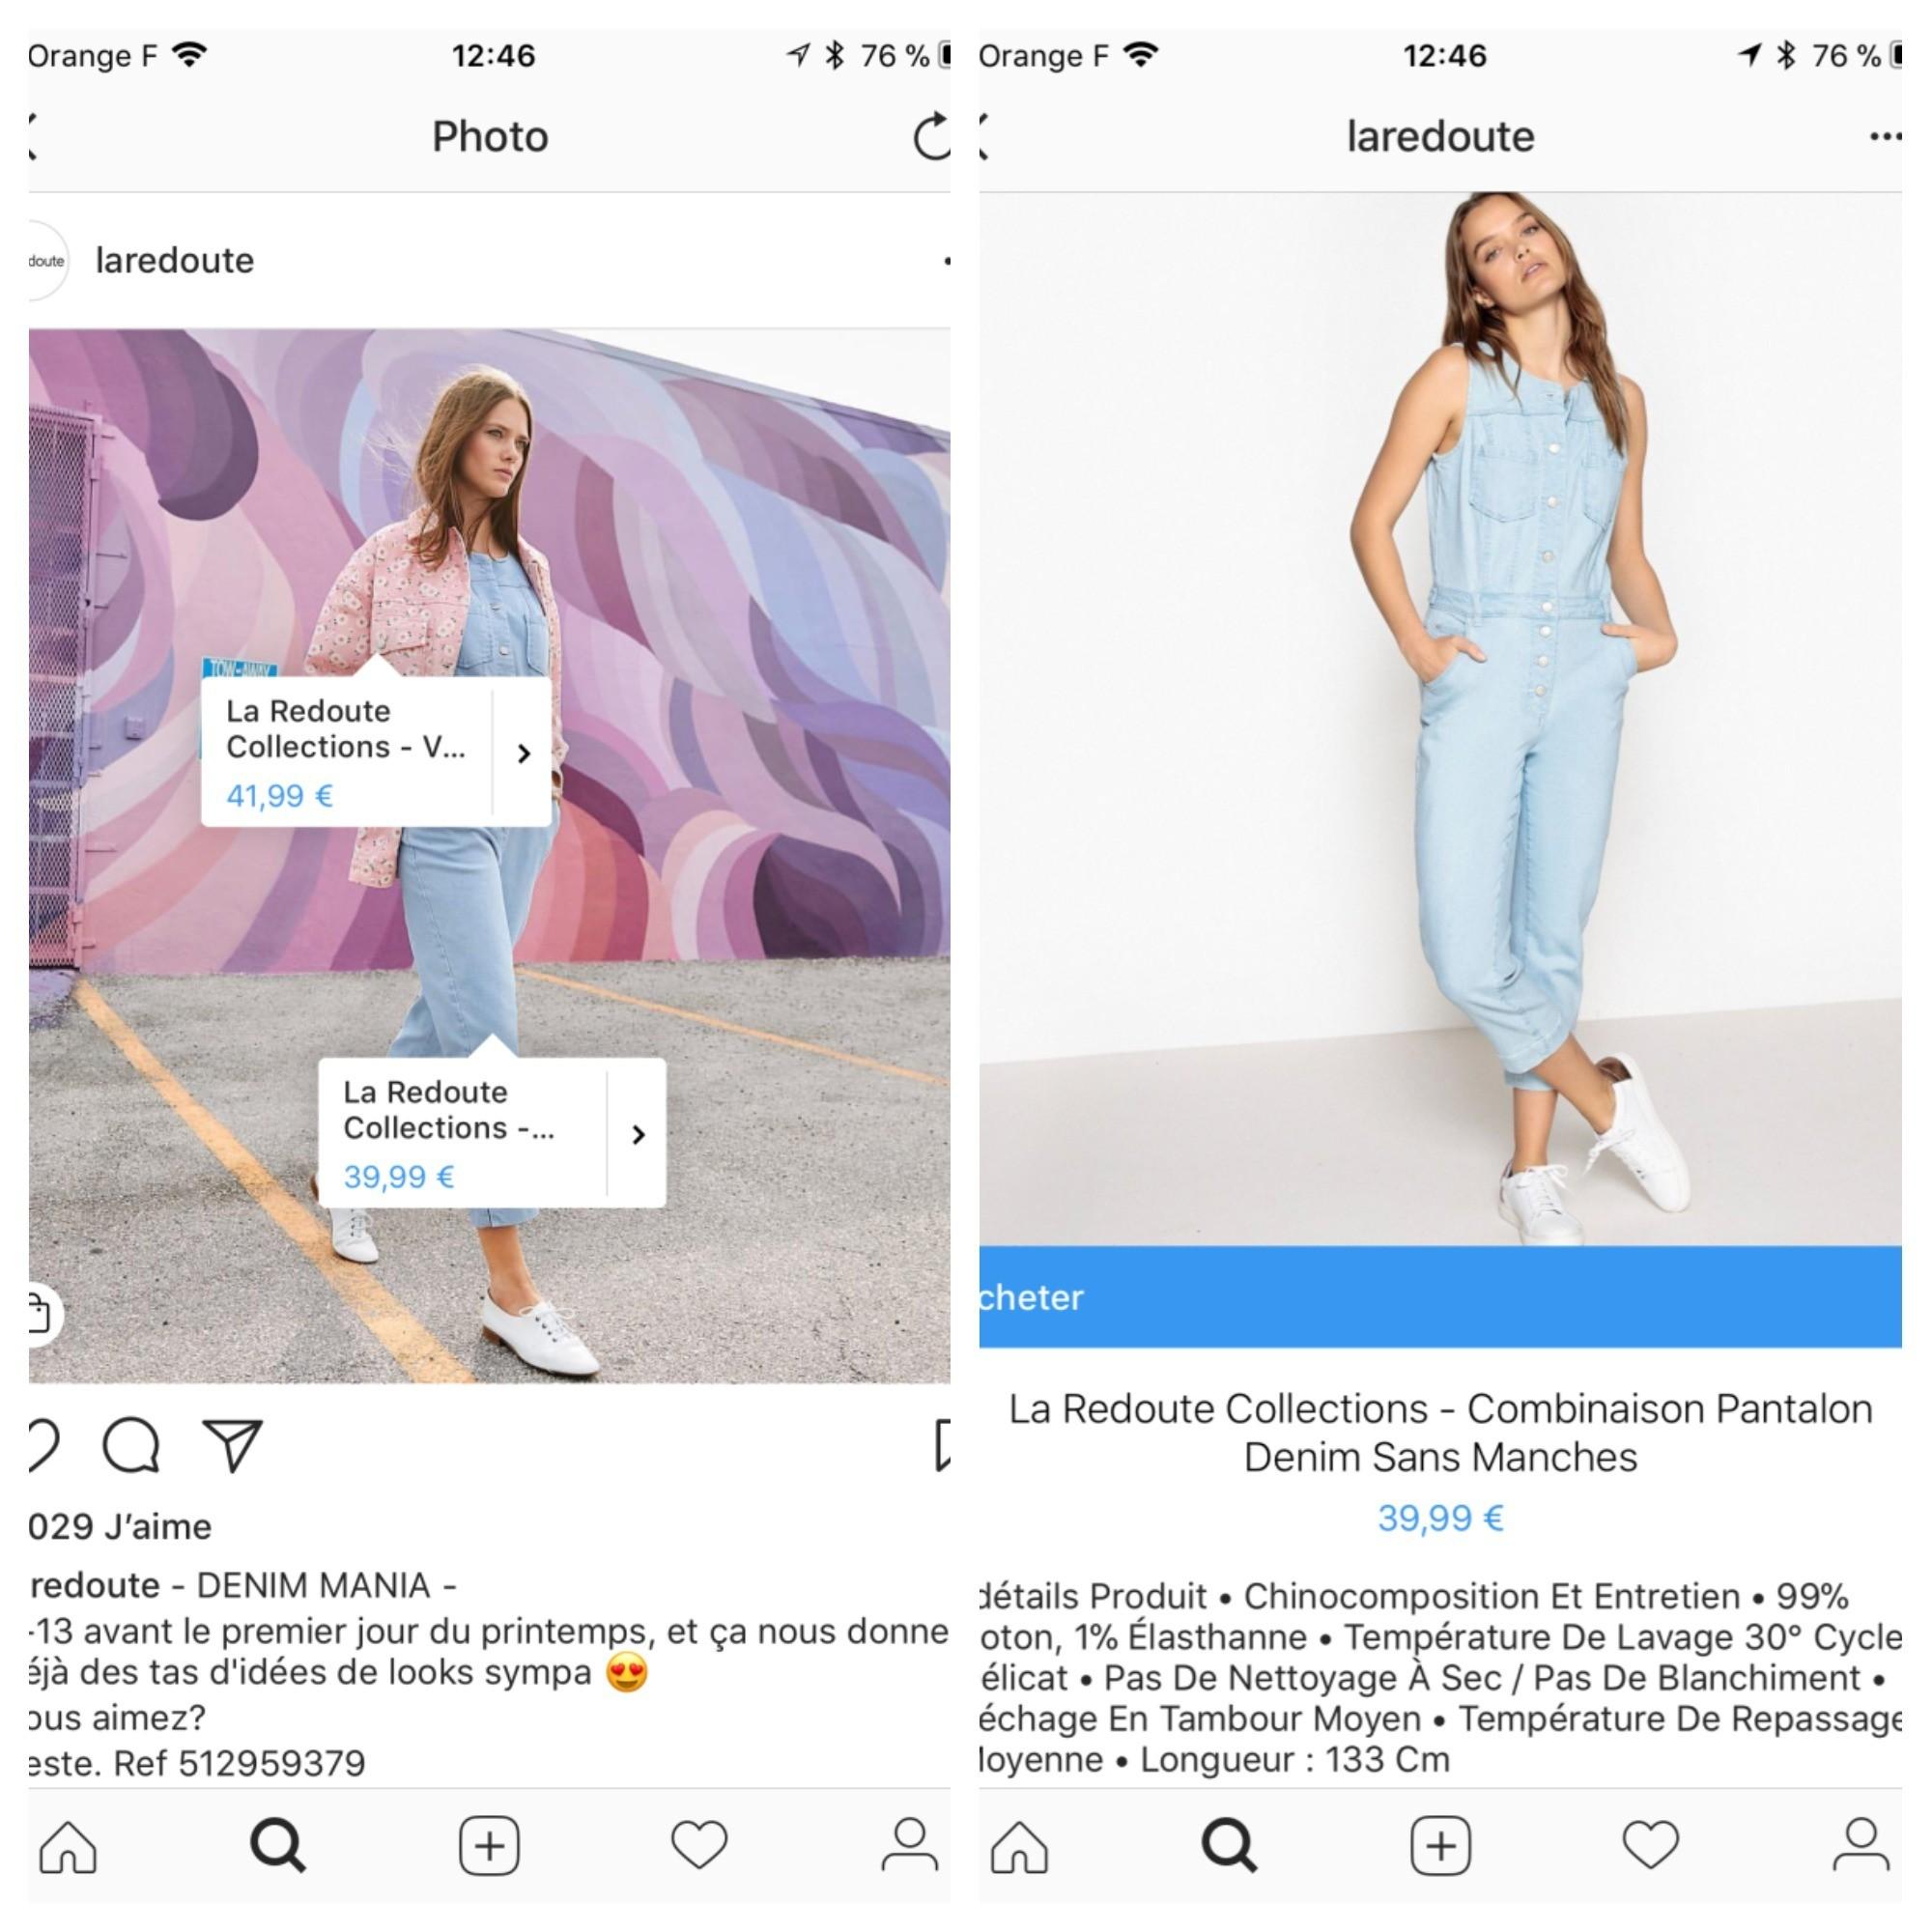 instagram d ploie le format shopping en france les marques peuvent identifier et vendre des. Black Bedroom Furniture Sets. Home Design Ideas